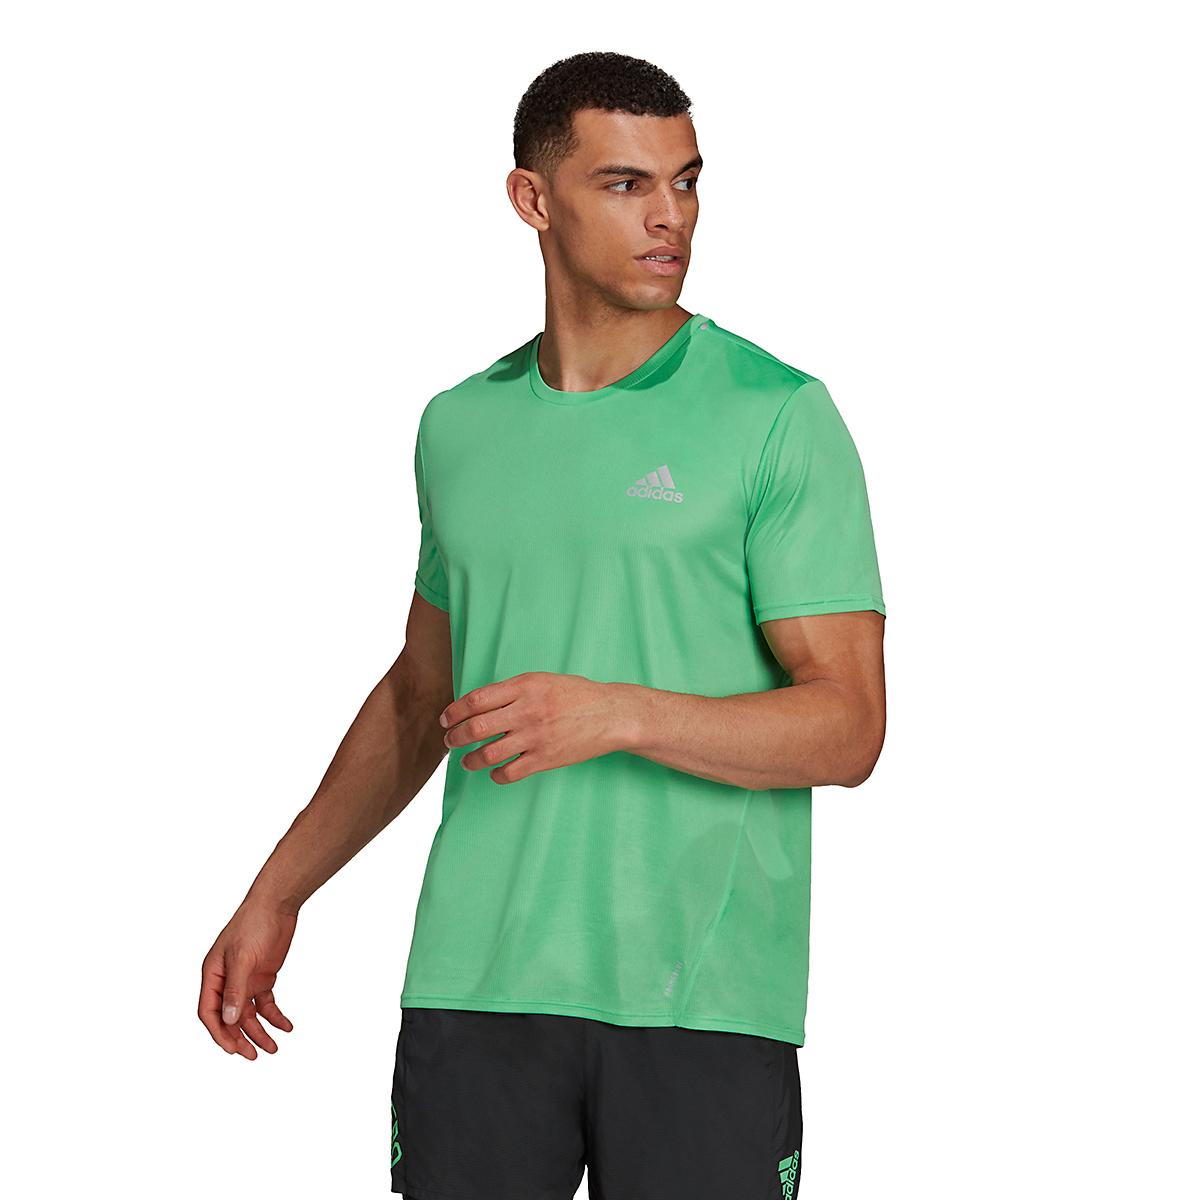 Men's Adidas Fast PrimeBlue Tee  - Color: Semi Screaming Green/Reflective Silver - Size: XS, Semi Screaming Green/Reflective Silver, large, image 1